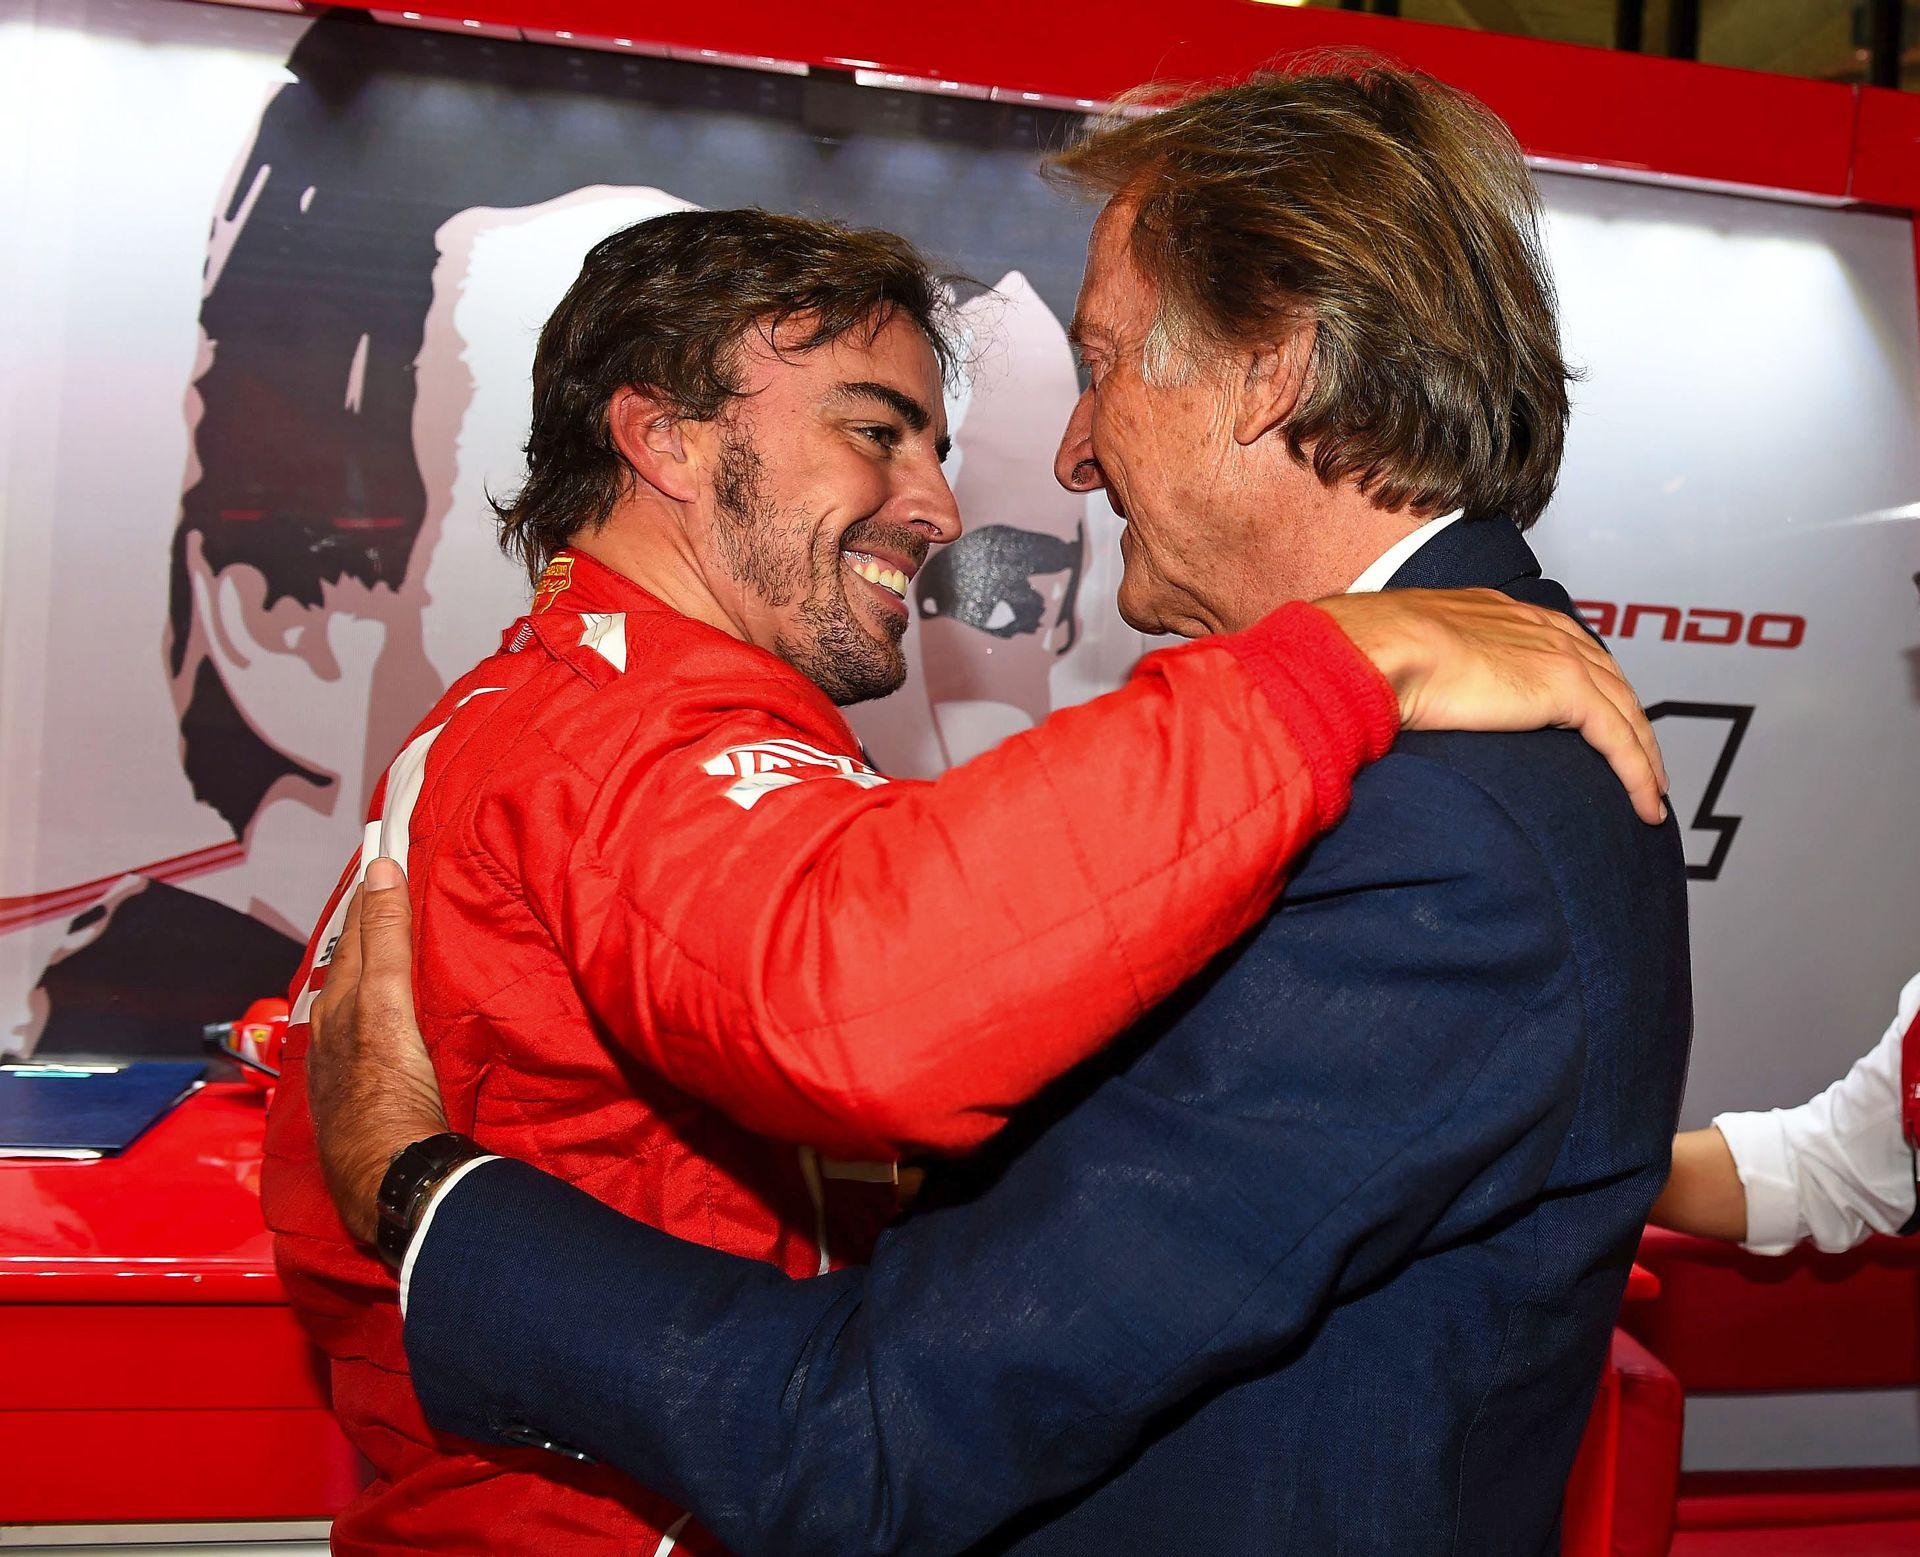 Alonso: Ha valami rendkívüli nem történik, a Ferrari versenyzője maradok